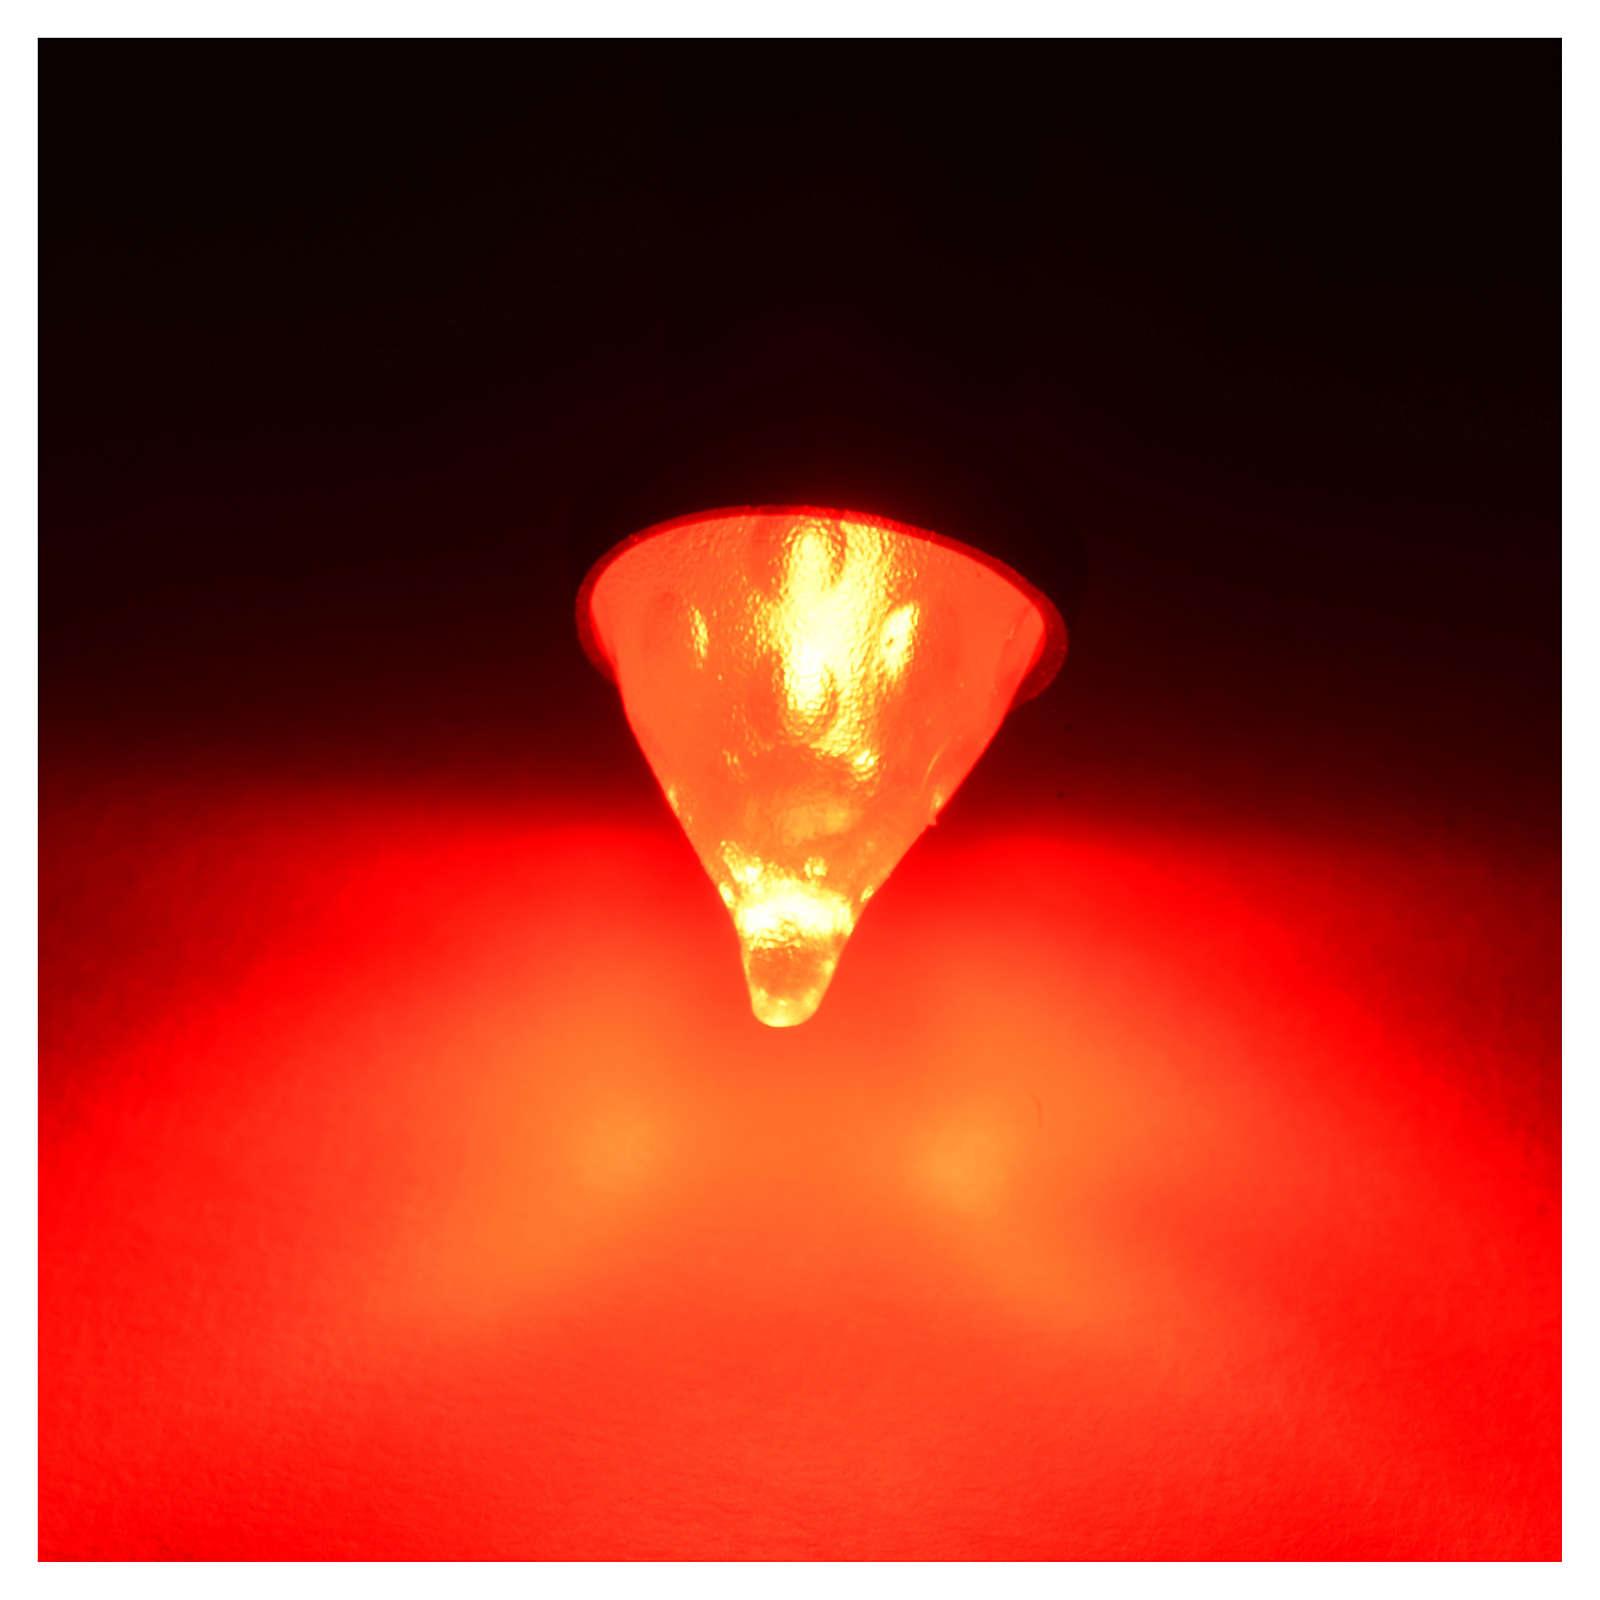 Led flashlight 8 mm diameter with red light for nativity scene 4